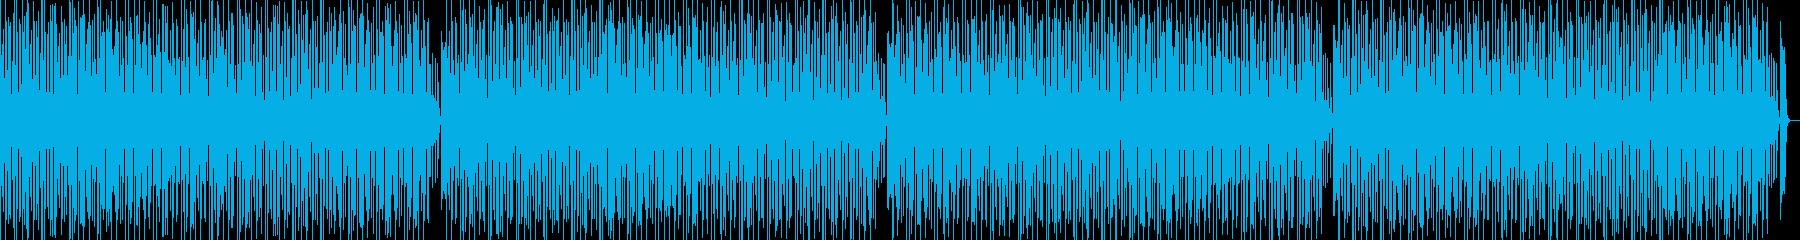 ベースなしの再生済みの波形